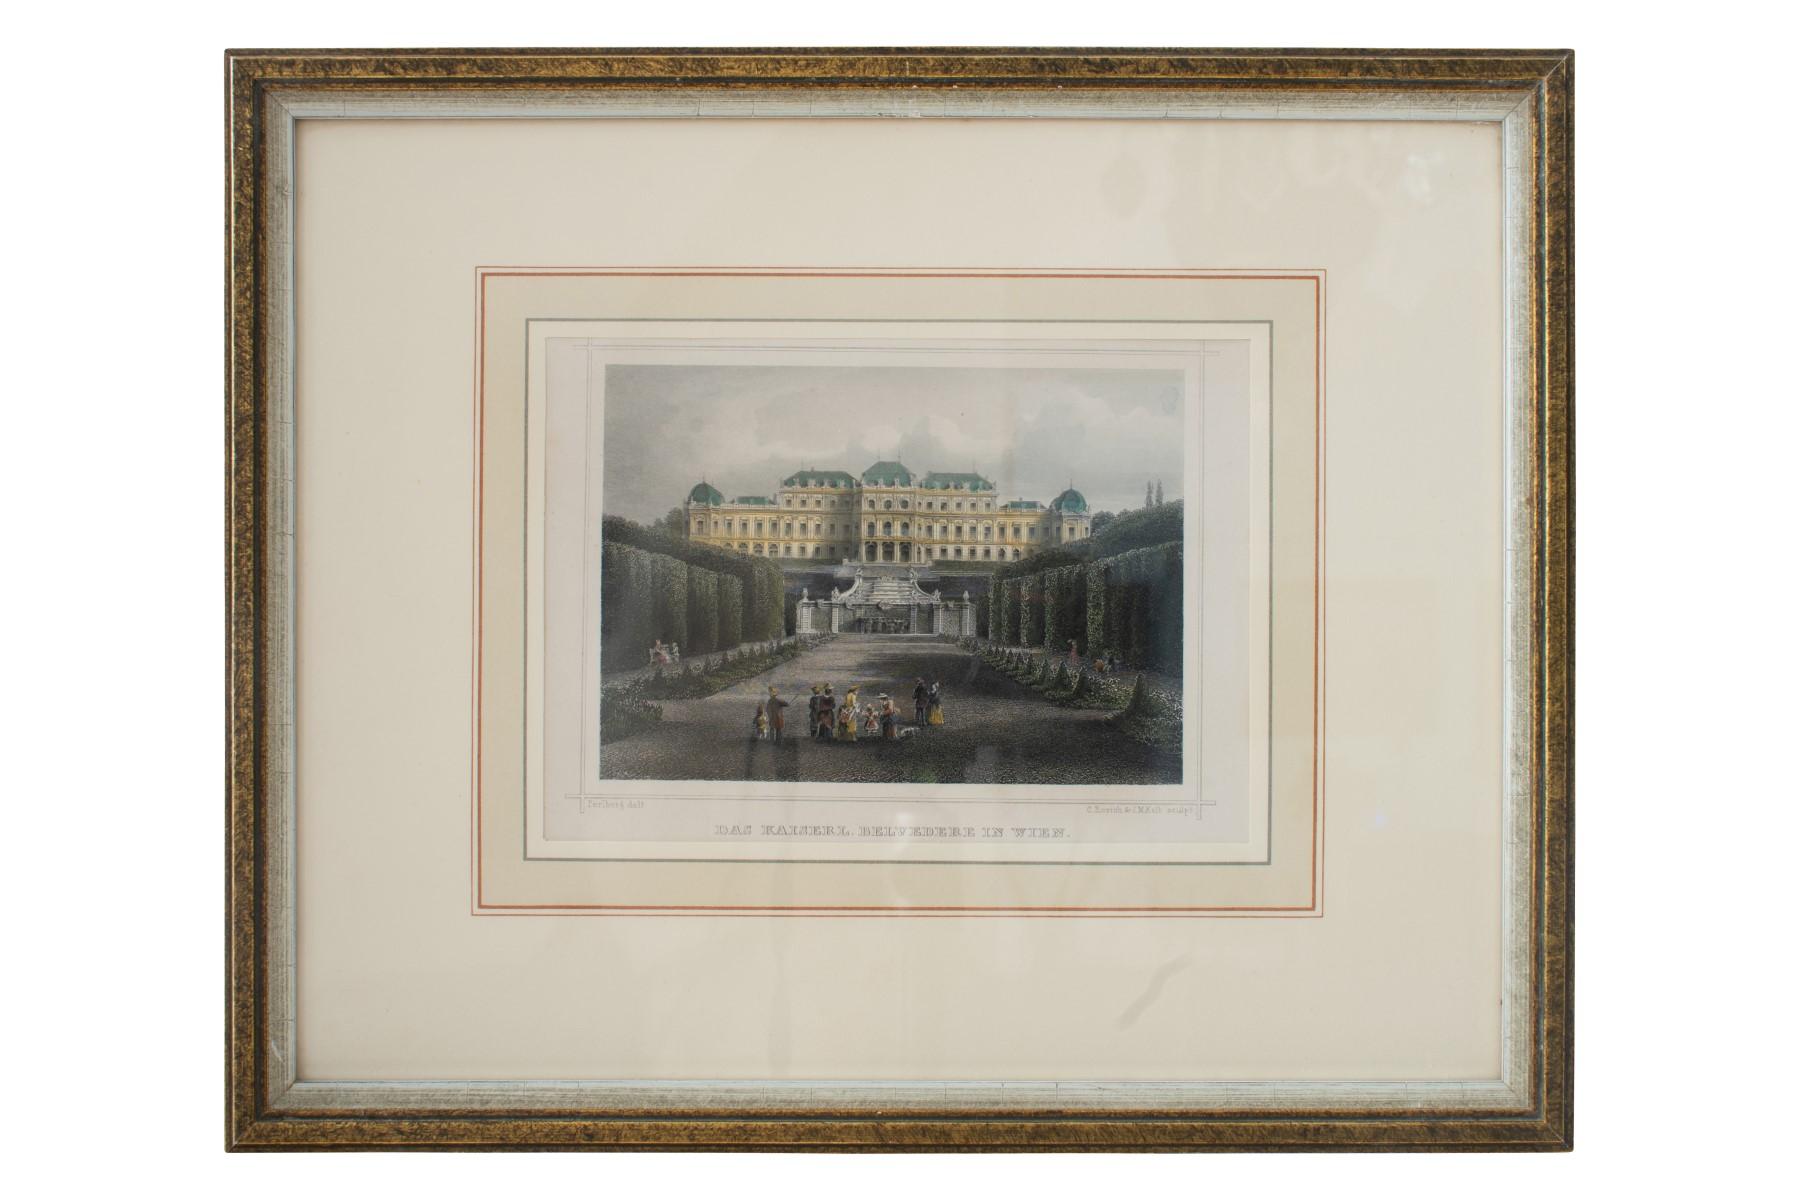 #38 C. Rohrich(1817-1883) u. M. Kolb (1818-1859) , The Imperial Belvedere in Vienna   C.Rohrich(1817-1883) u. M. Kolb (1818-1859) , Das Kaiserliche Belvedere in Wien Image